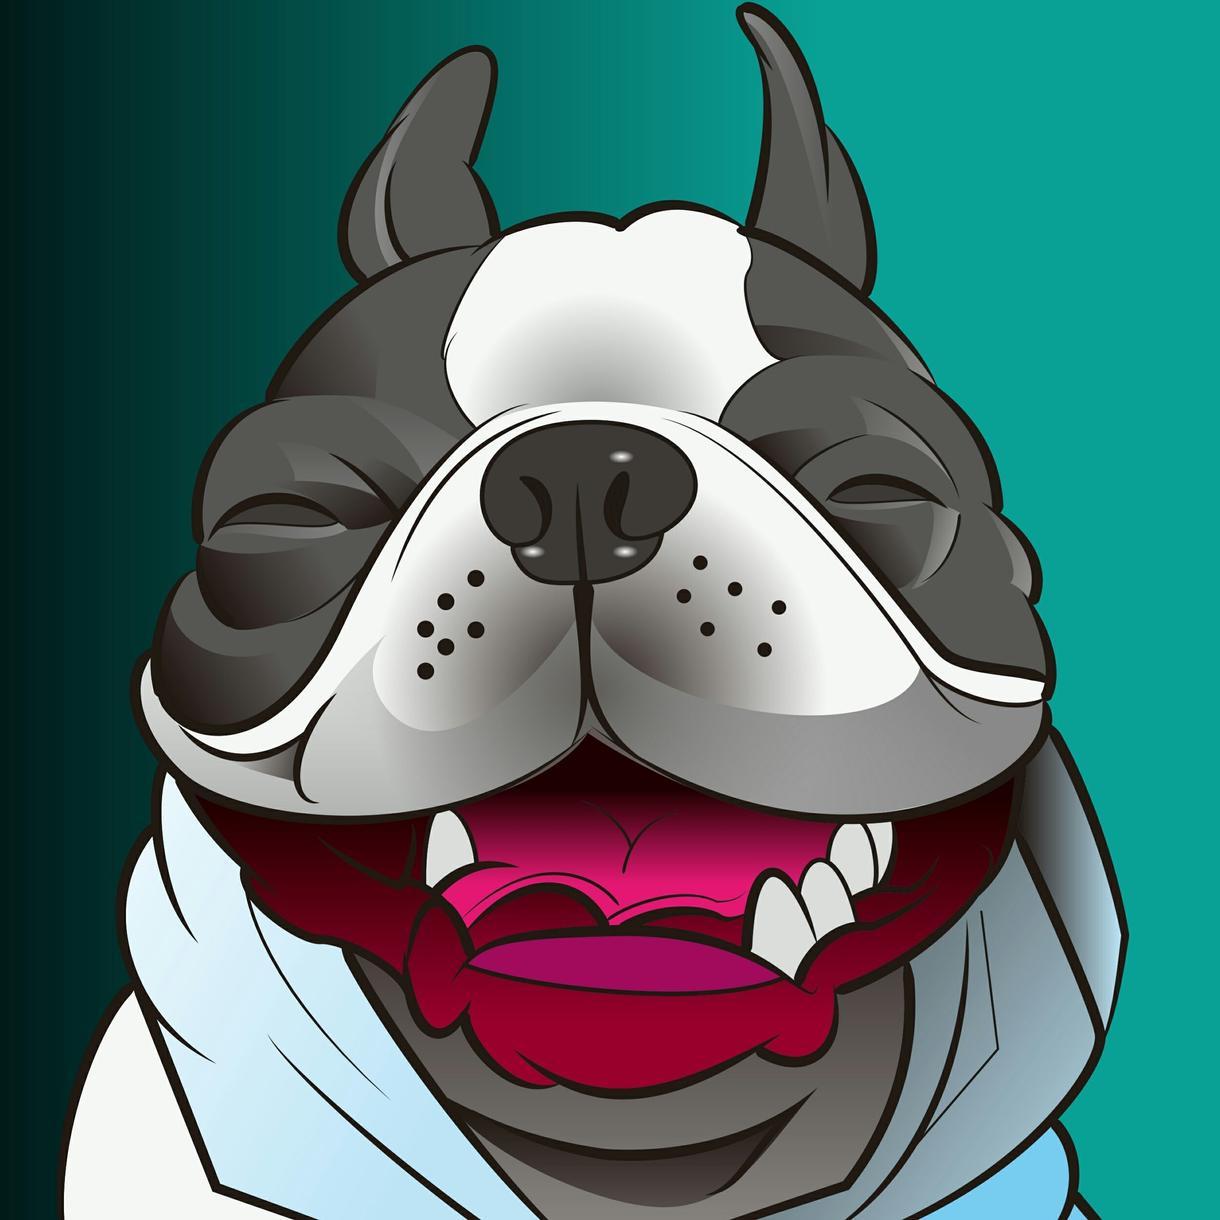 ペット似顔絵お描きします キャラクターグッズ・アイコンにオススメ